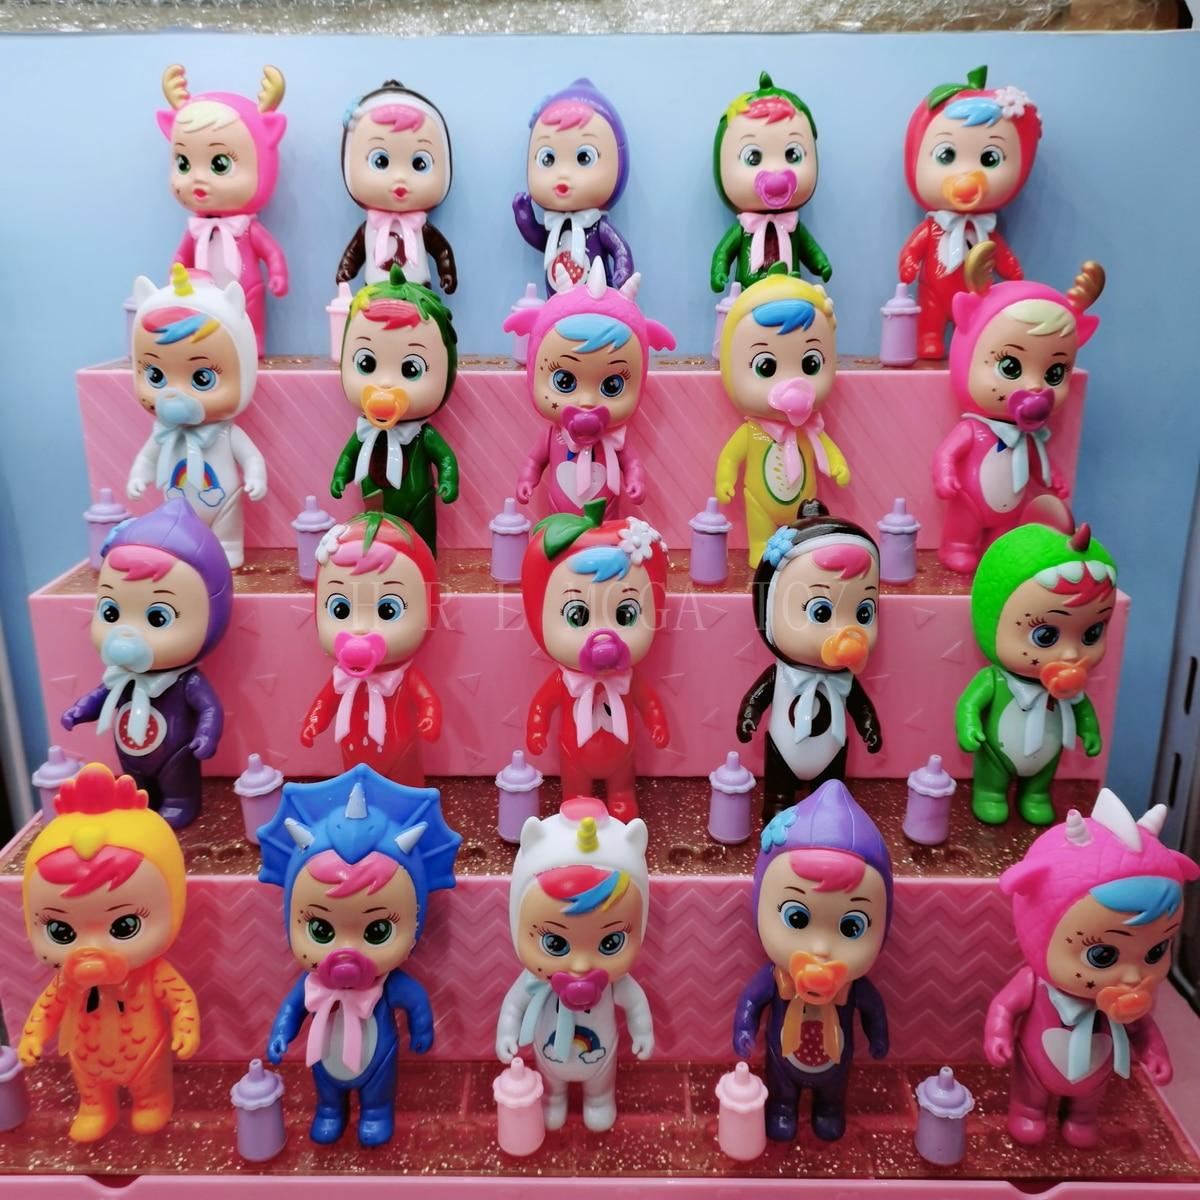 3Pc/6Pc/12 Teile/satz Cry Puppen Können Zugeführt Werden mit Wasser, beregnung Wasser und Weinende Puppe Spielzeug, Senden Verschiedene Zufall